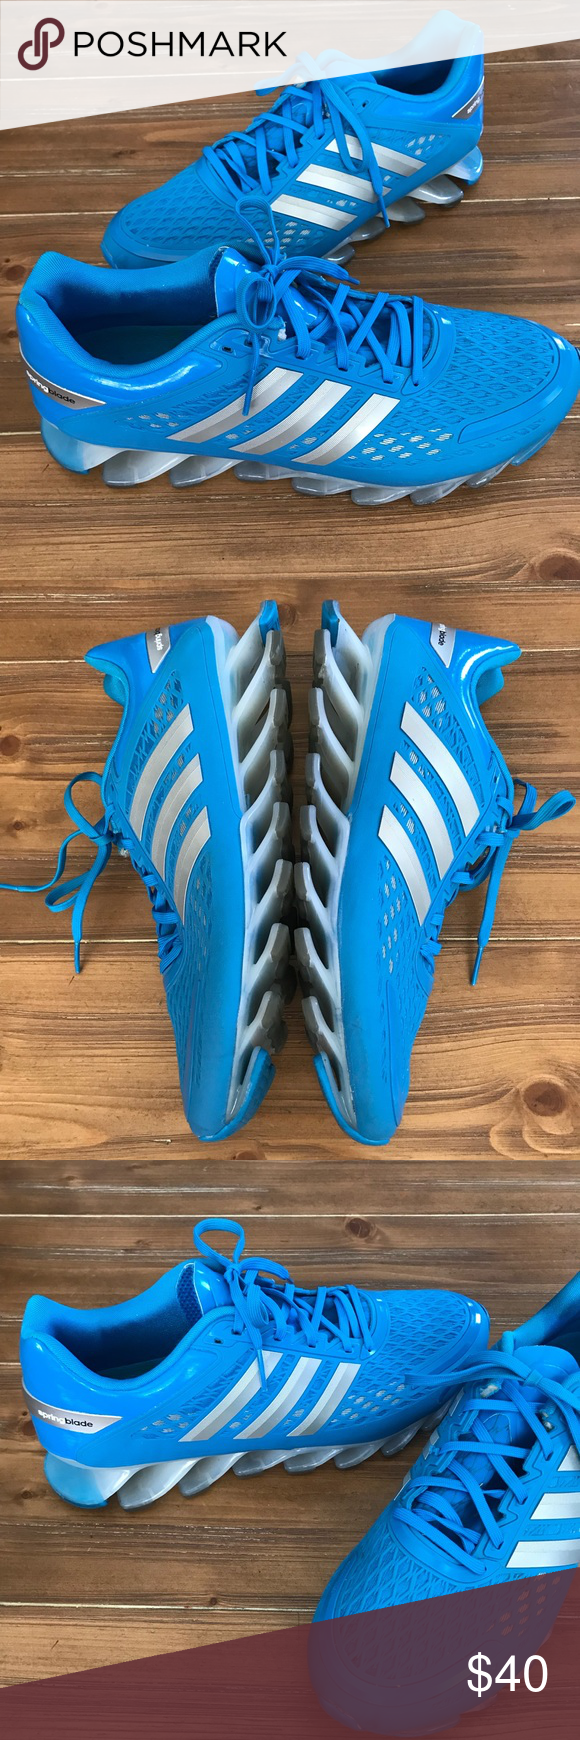 hot sale online 21ddb 3051b ADIDAS Solar Blue Springblade Razor 10 Adidas Springblade Razor Men s Sneakers  Solar Blue M17312 Great condition